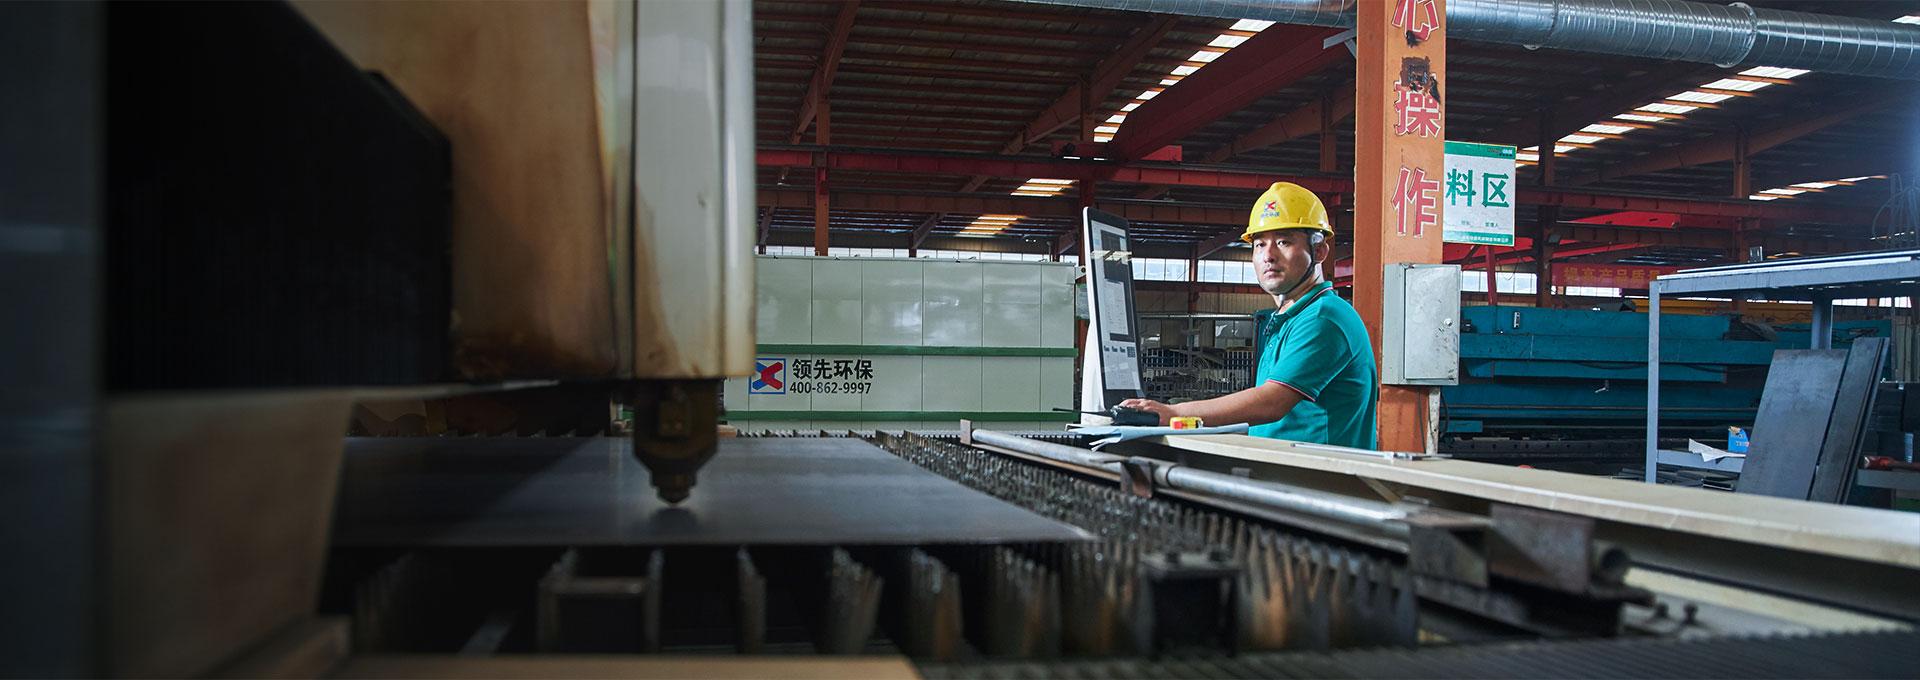 龙门洗车机_砂石分离机_螺旋输送机厂家-山东领先机械